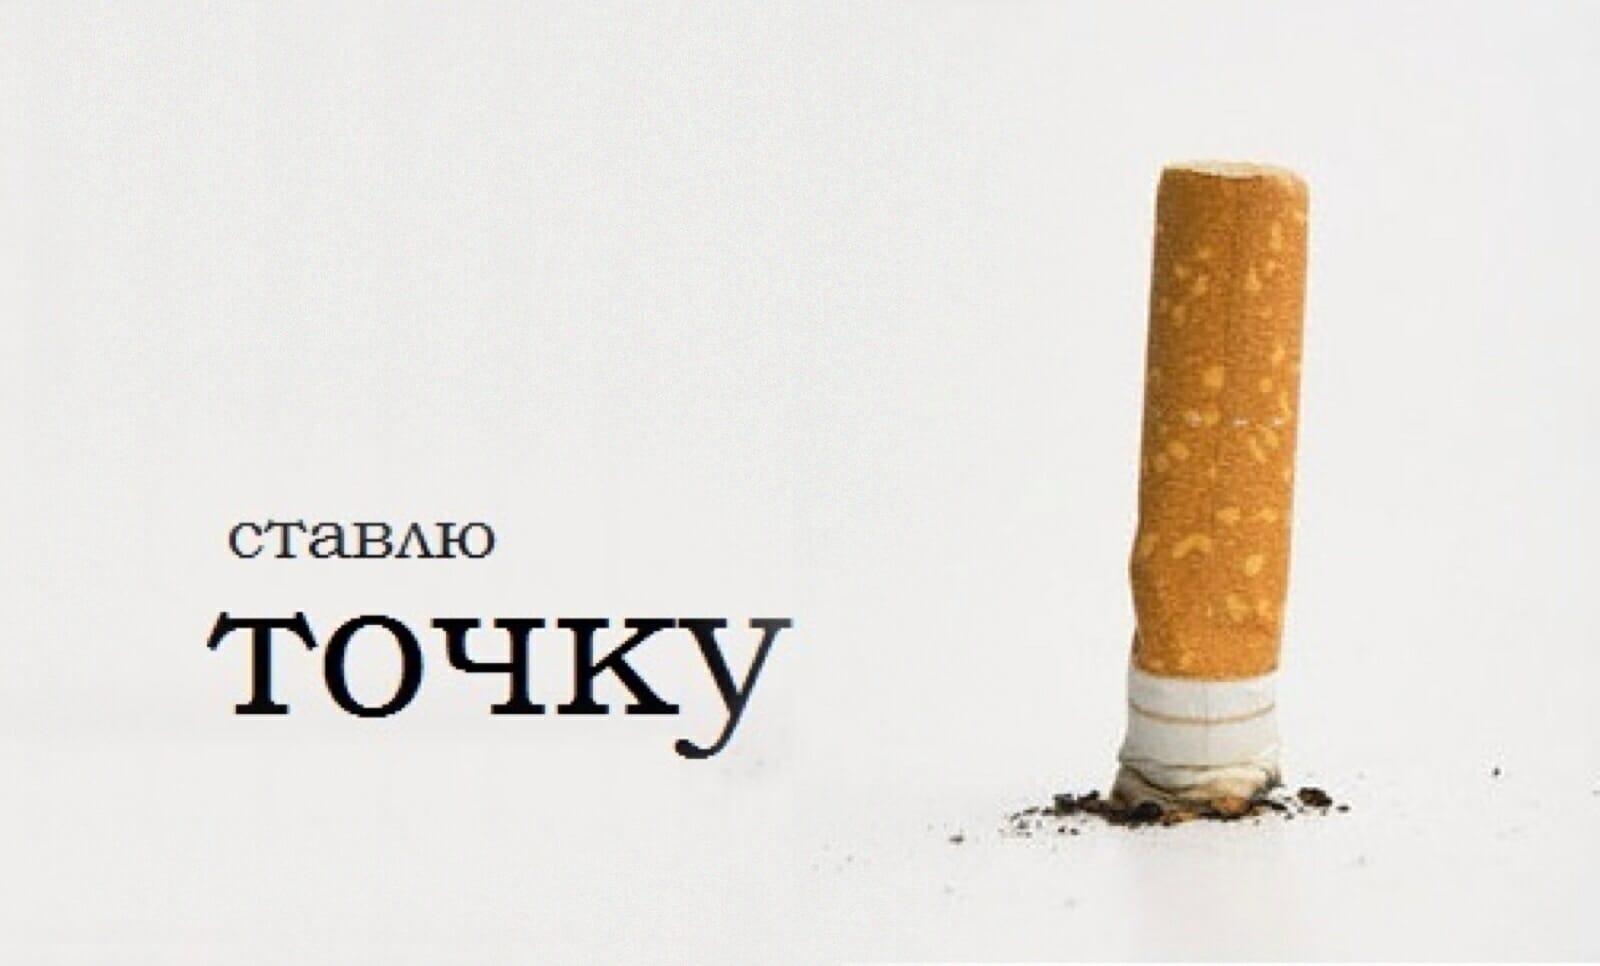 известен мотиваторы бросить курить картинки вас